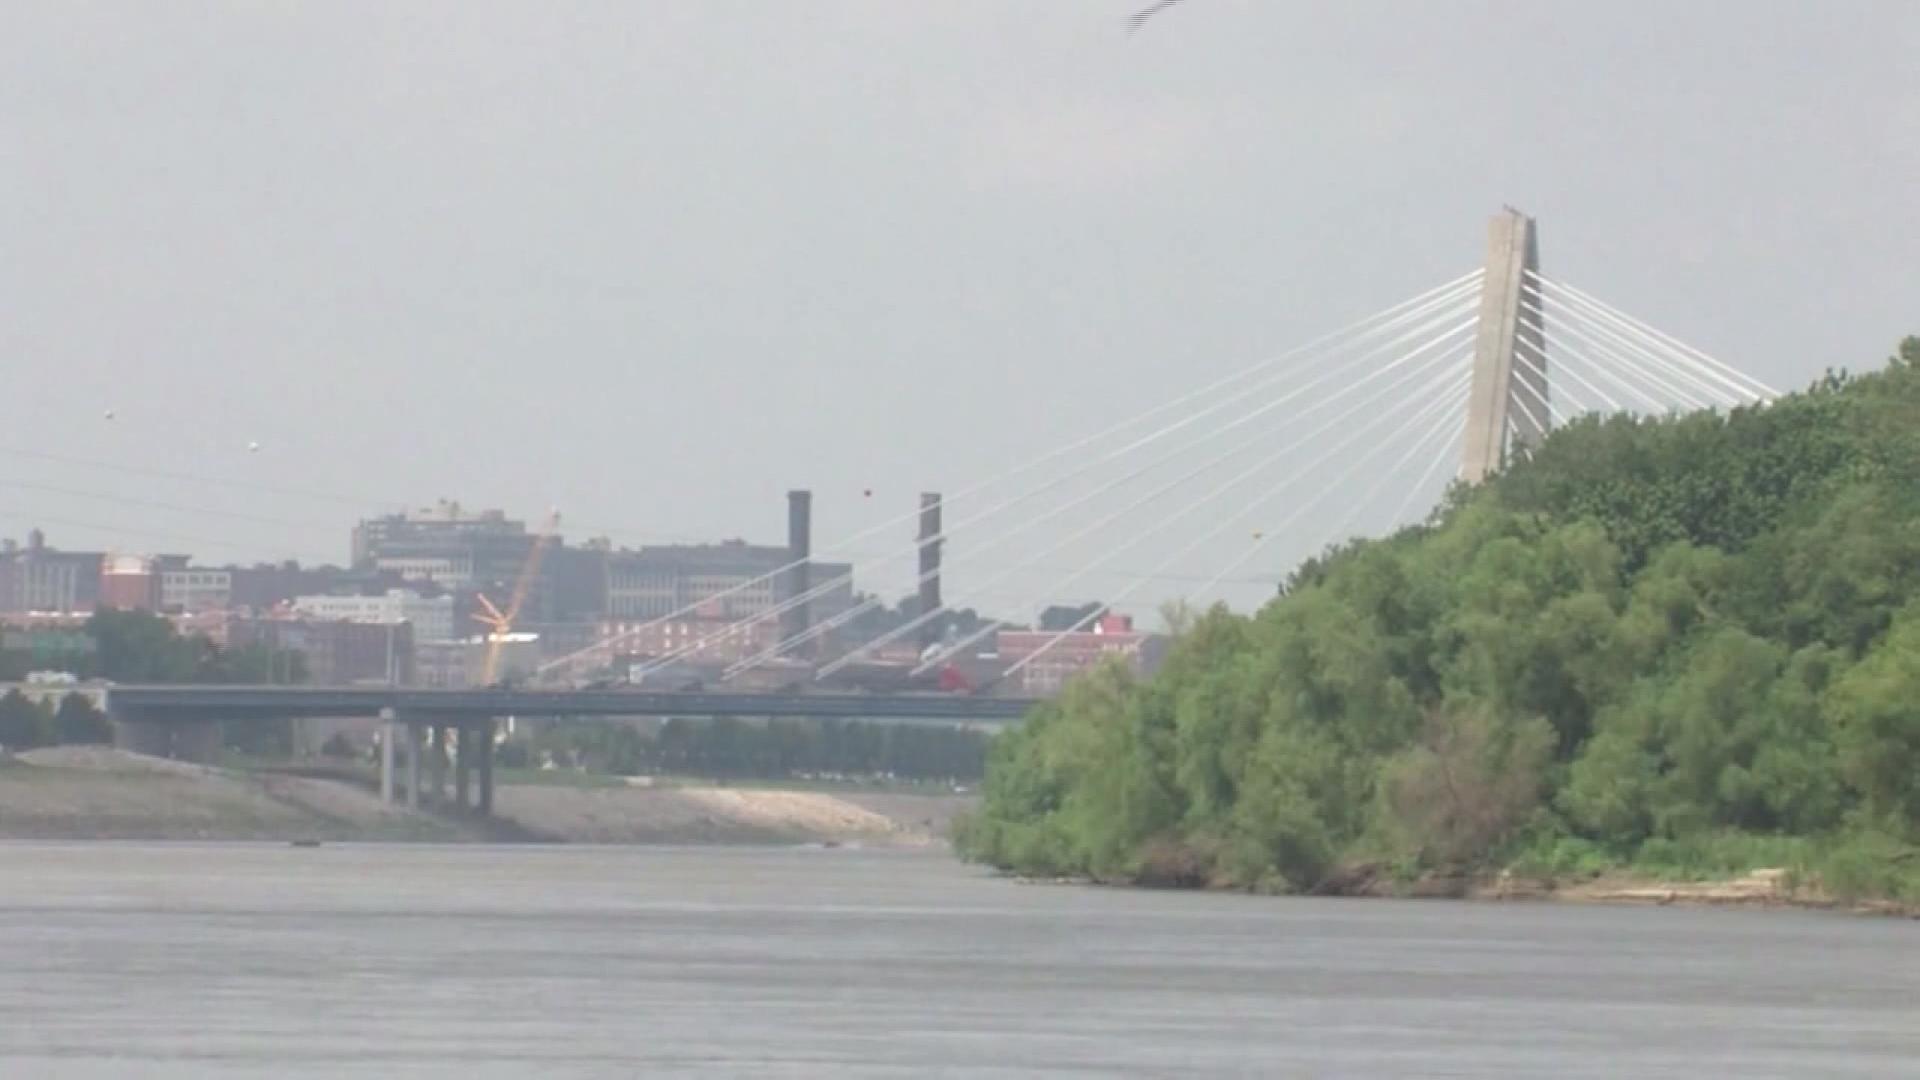 Bond Bridge in Kansas City, Missouri